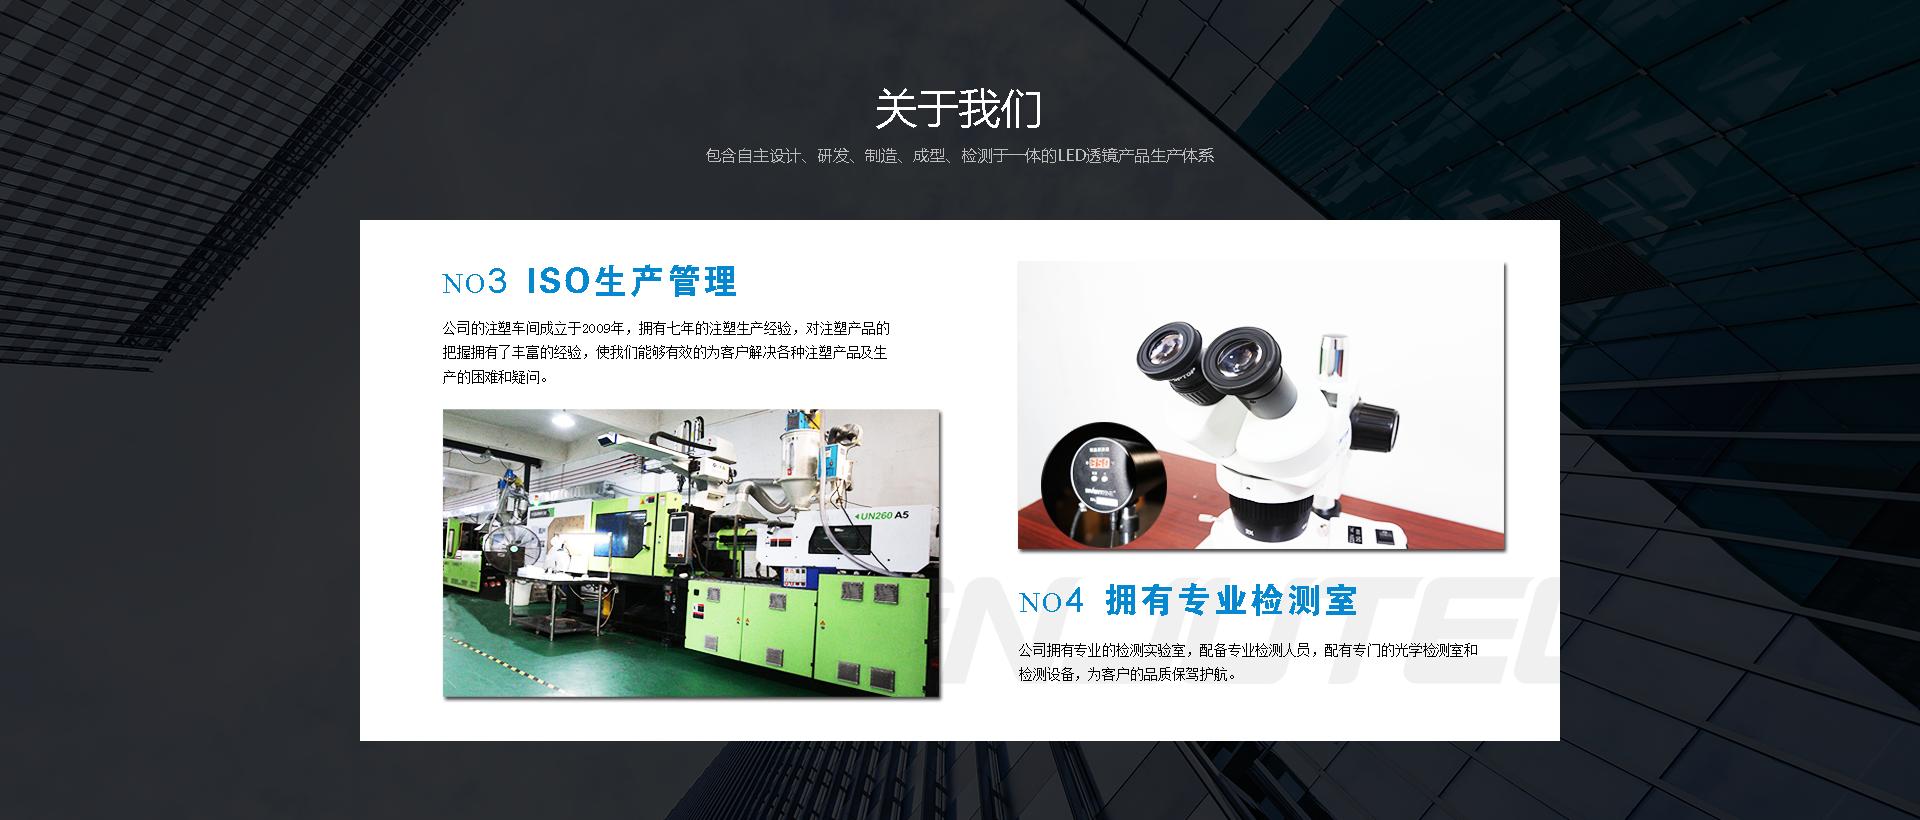 生产管理/检测室